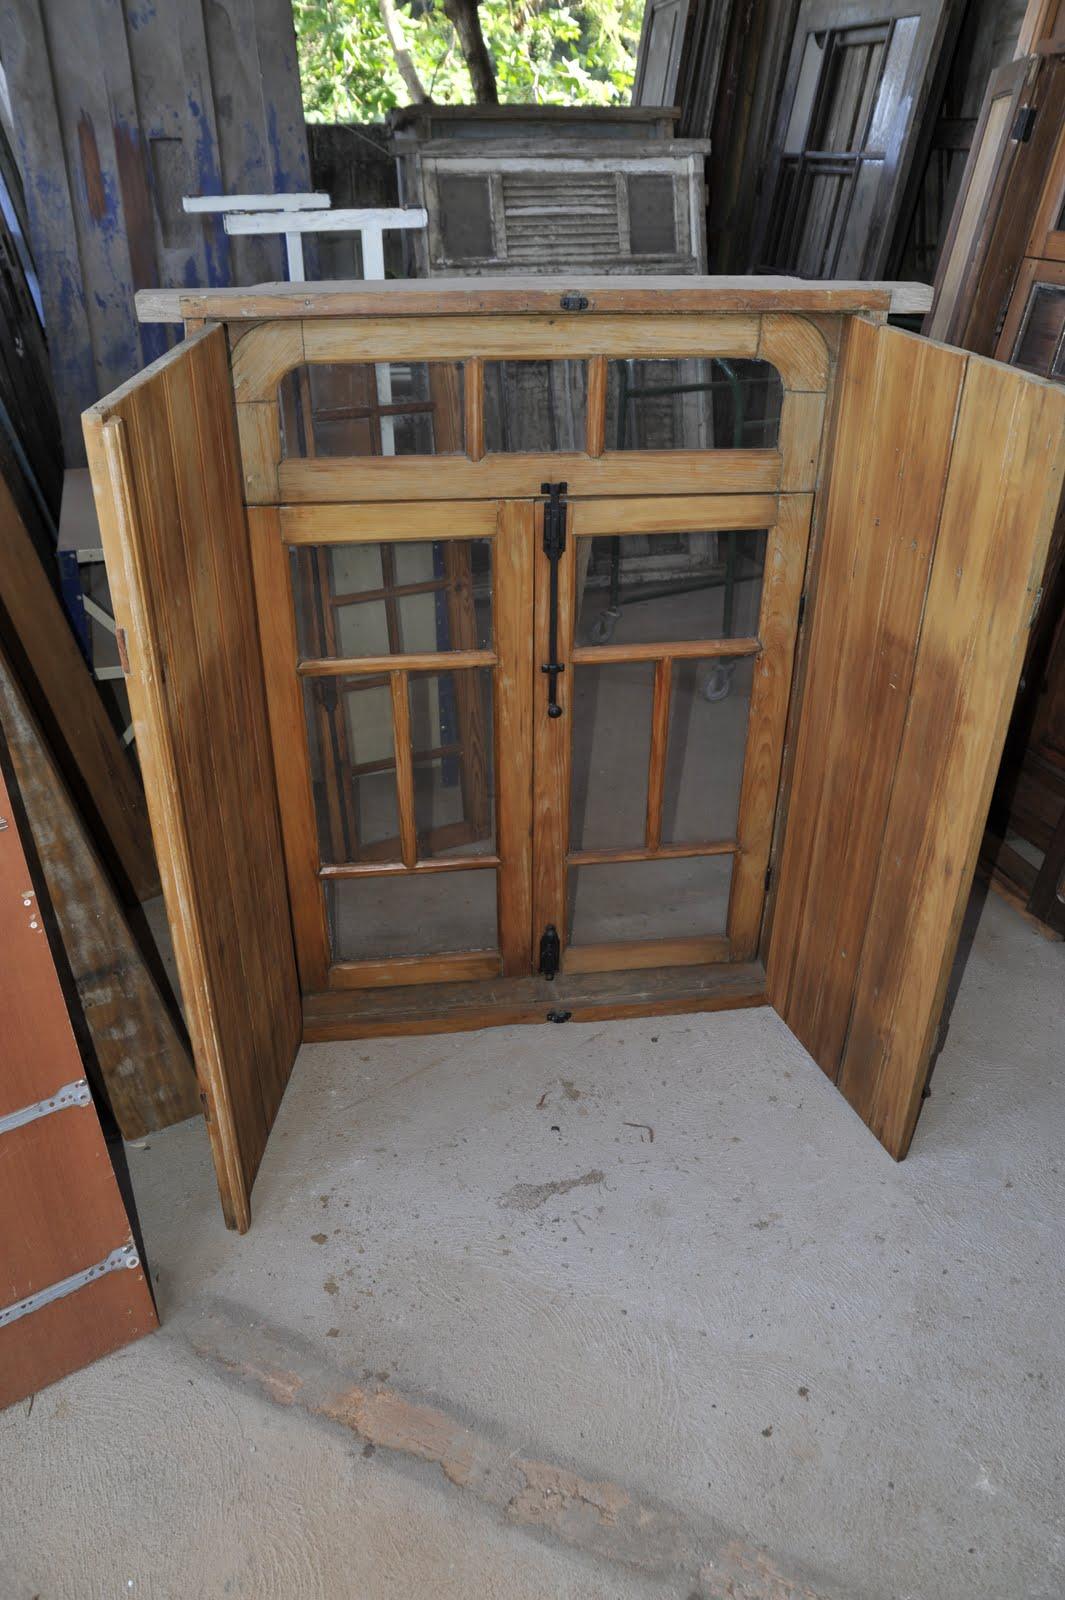 #82903B Portas e Janelas Antigas: Compra e Venda de porta e janelas antigas. 1152 Portas E Janelas De Madeira Em Bh Preços